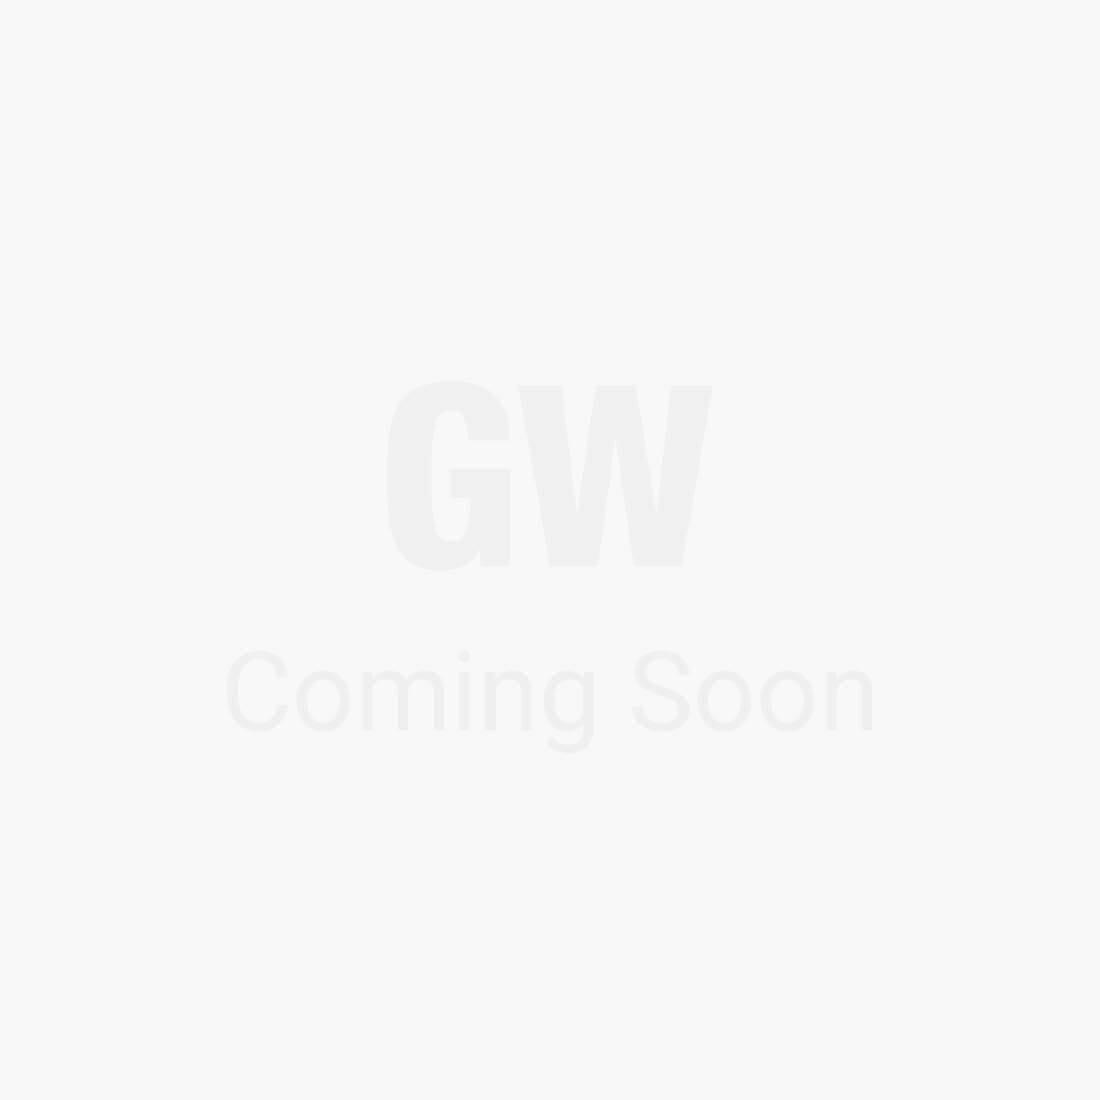 Barletta Ripple Side Tables